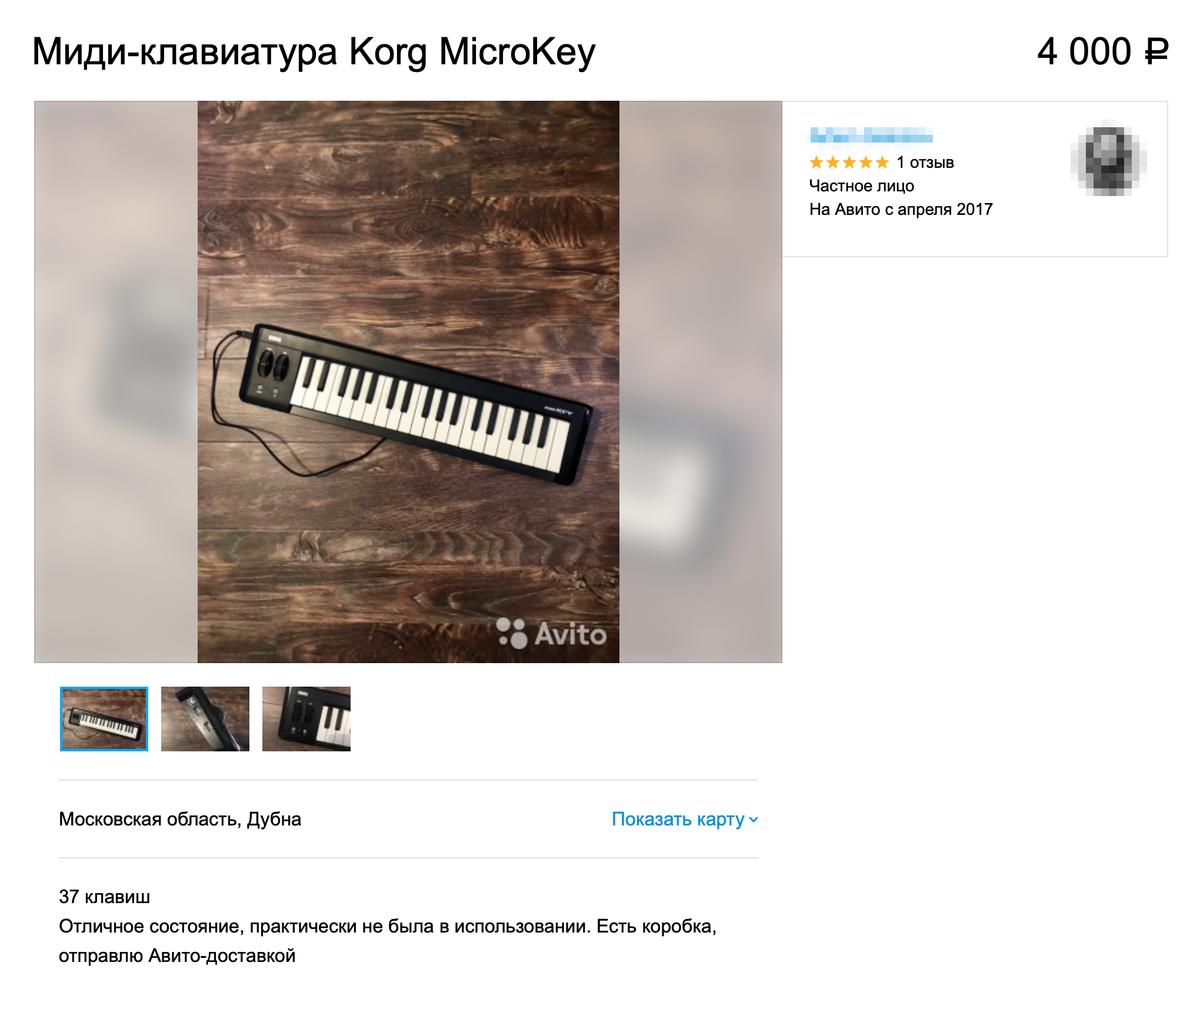 Такую клавиатуру я продал